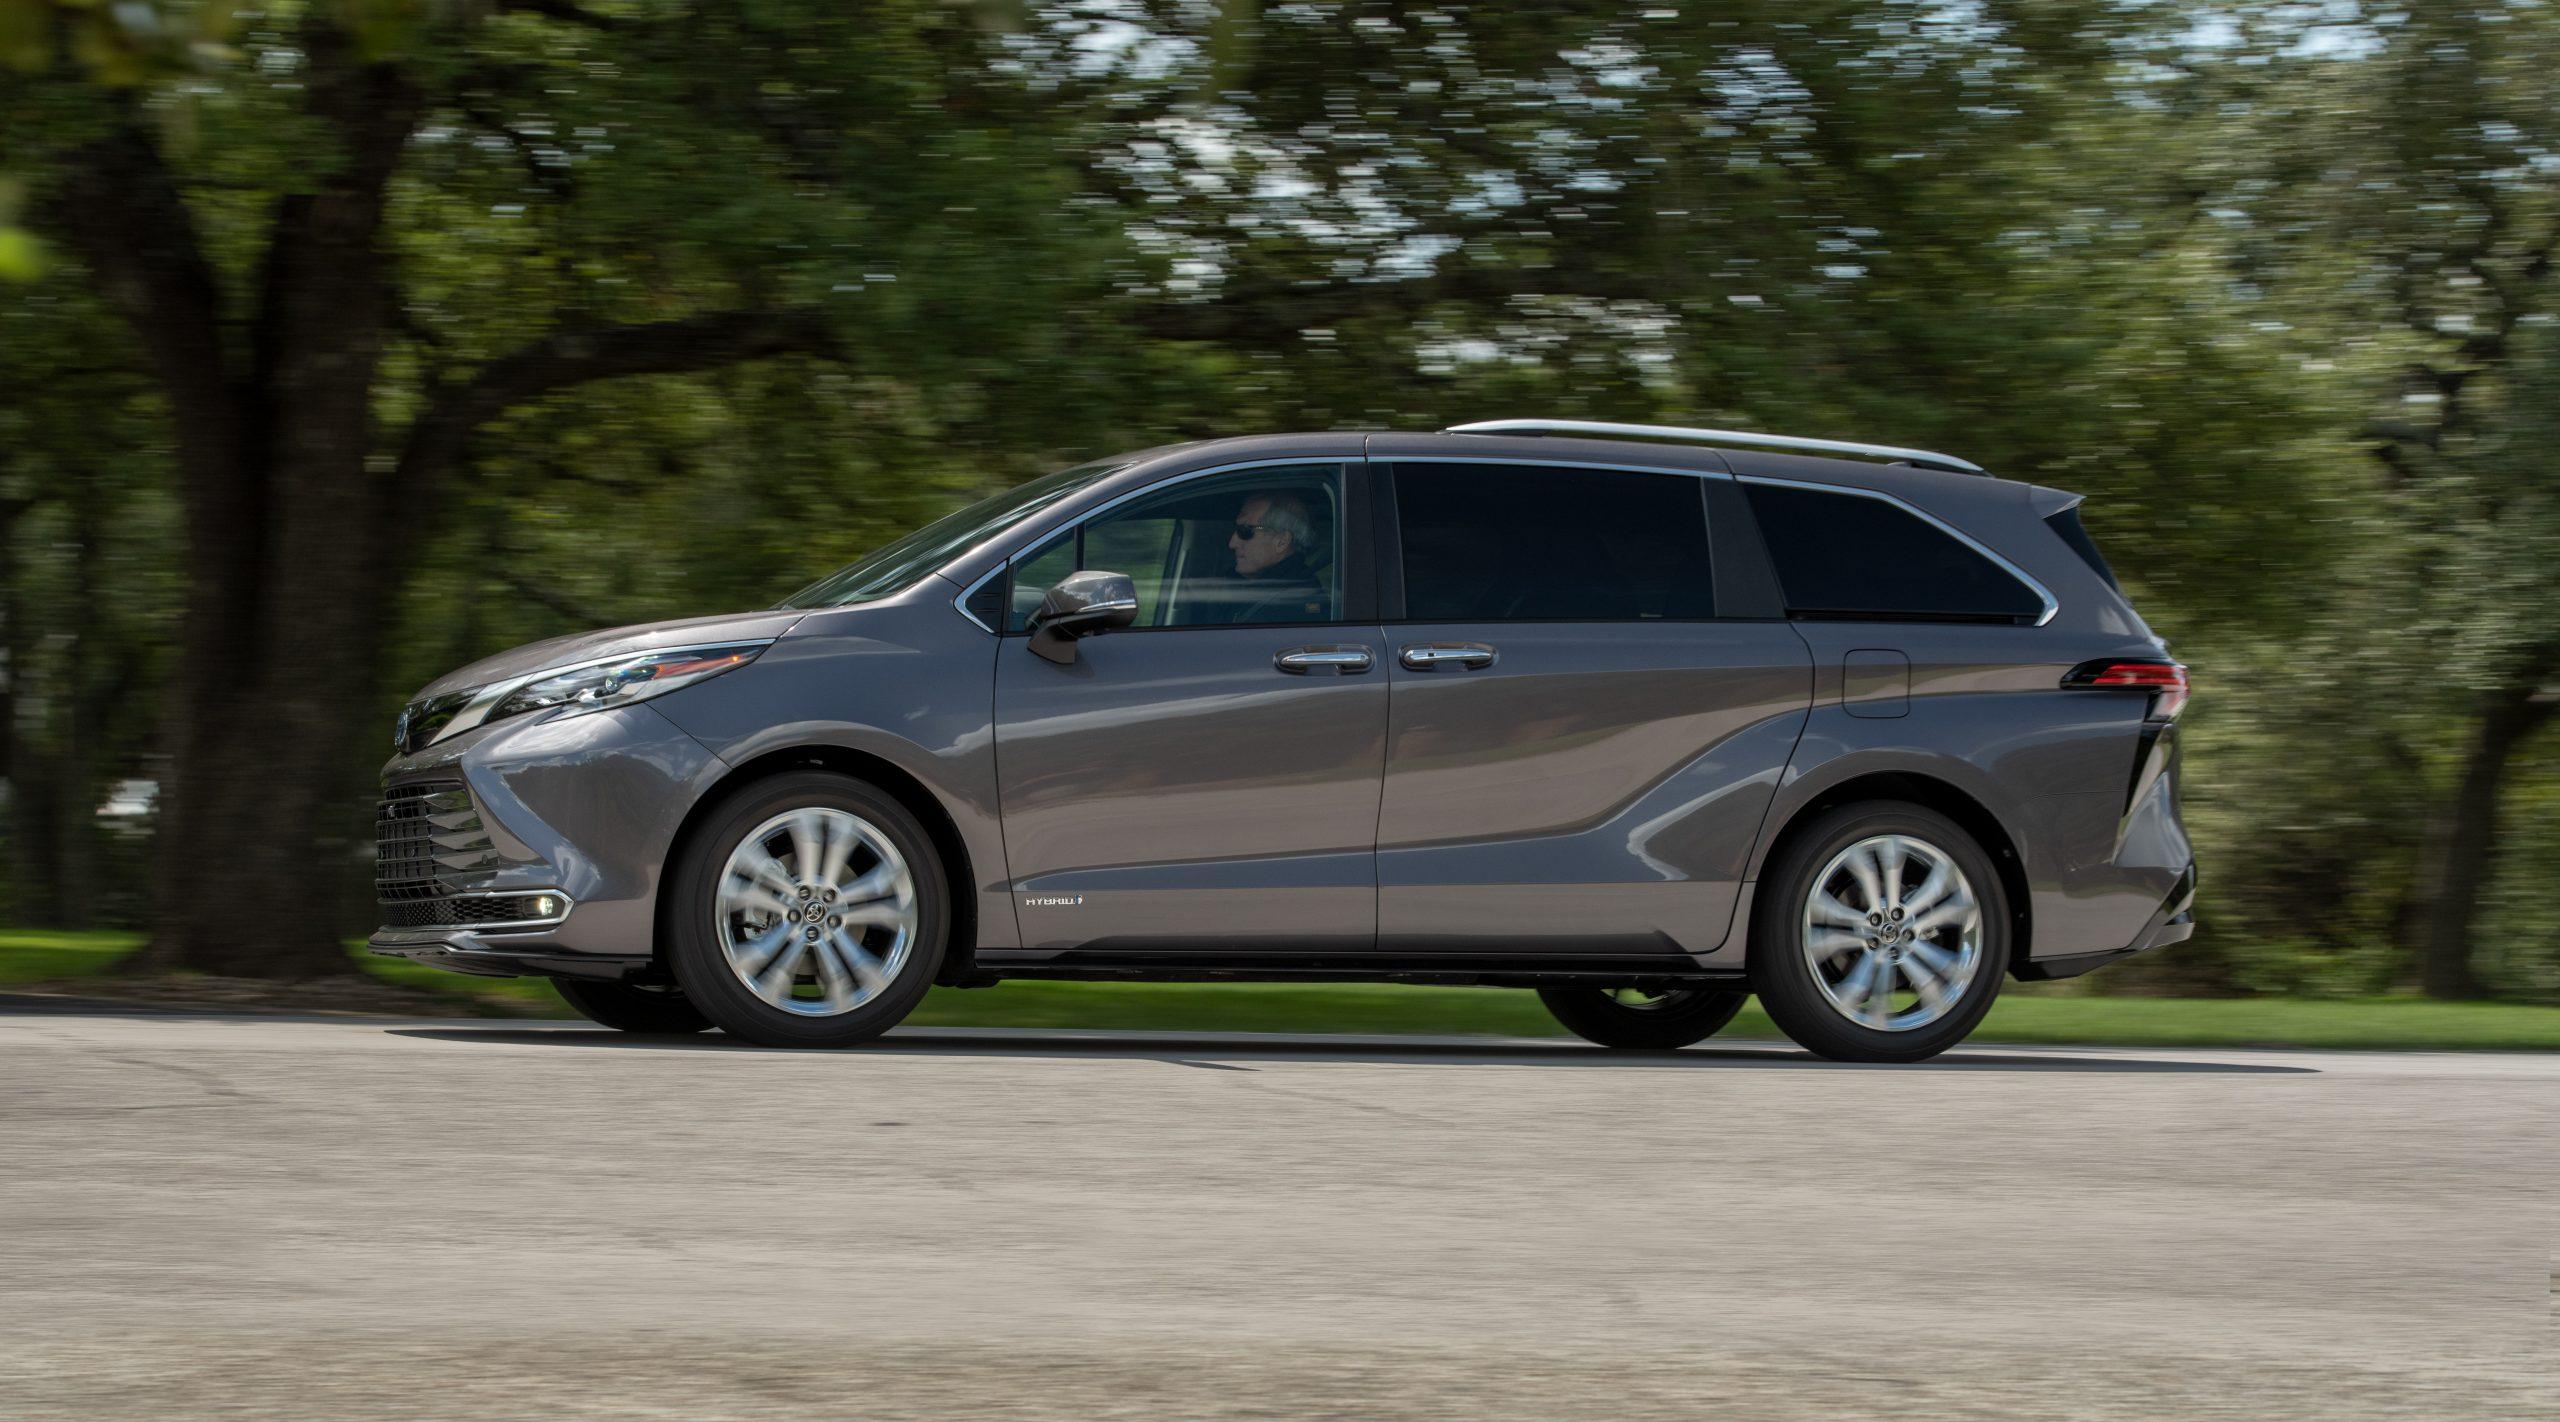 Toyota's 2021 Sienna minivan in profile.